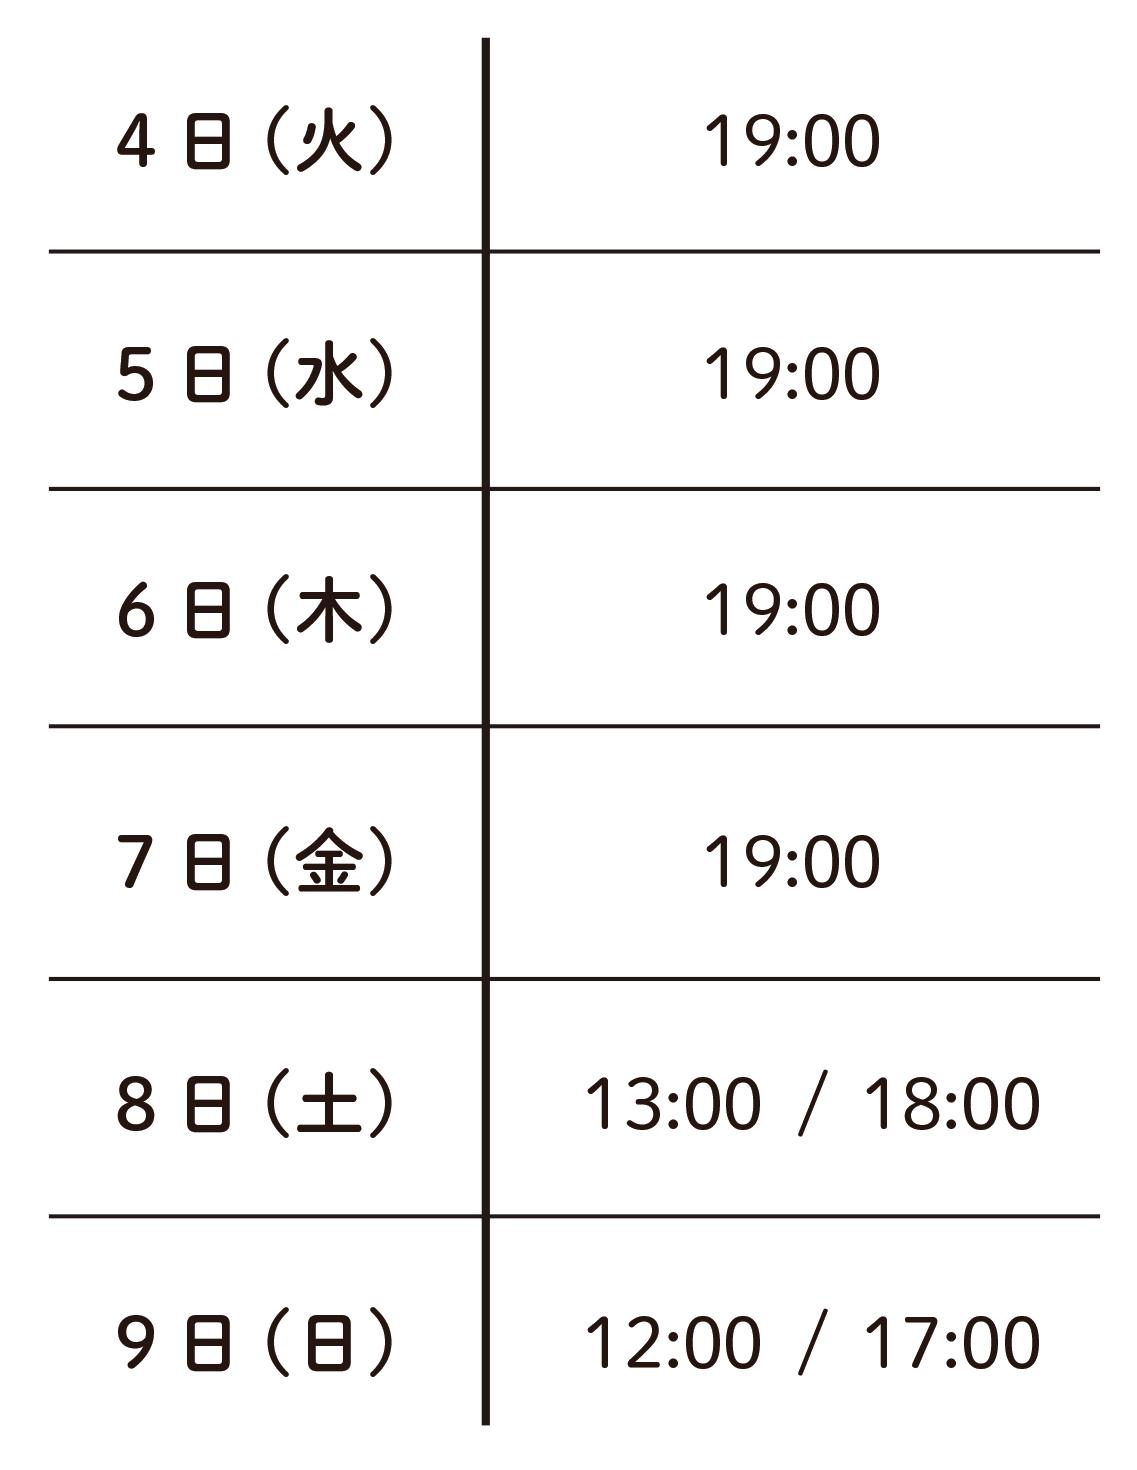 演劇チラシの日程デザイン 格子線タイプ